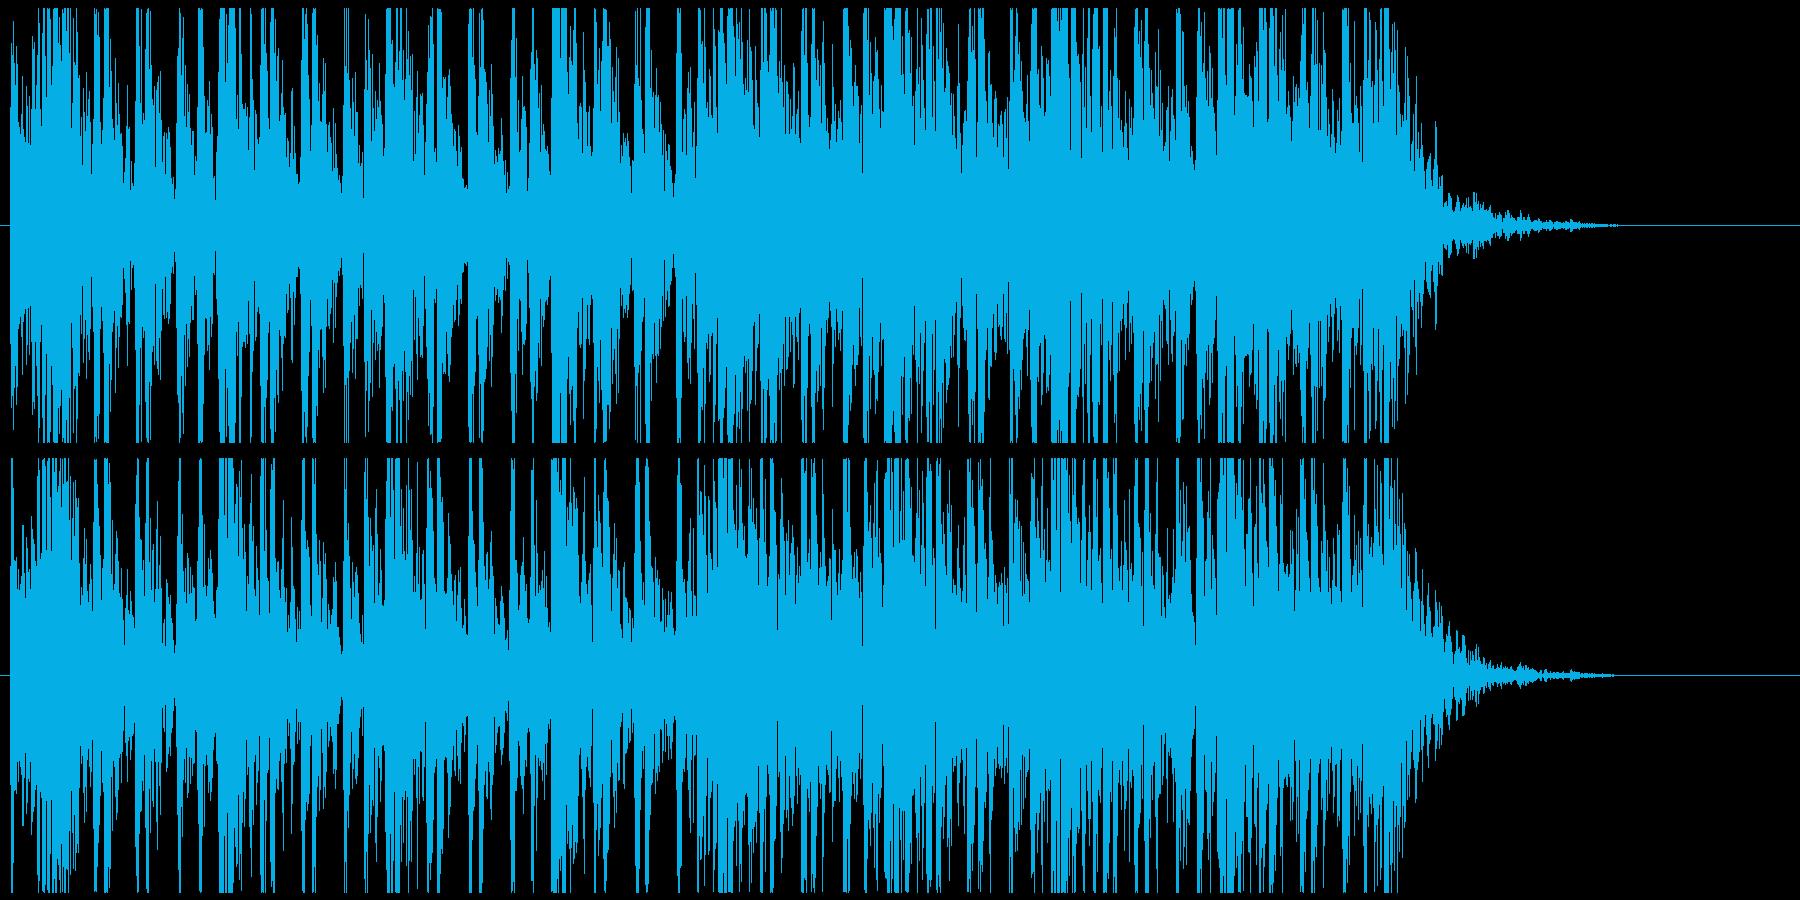 和太鼓のフレーズ3 残響なしBPM130の再生済みの波形